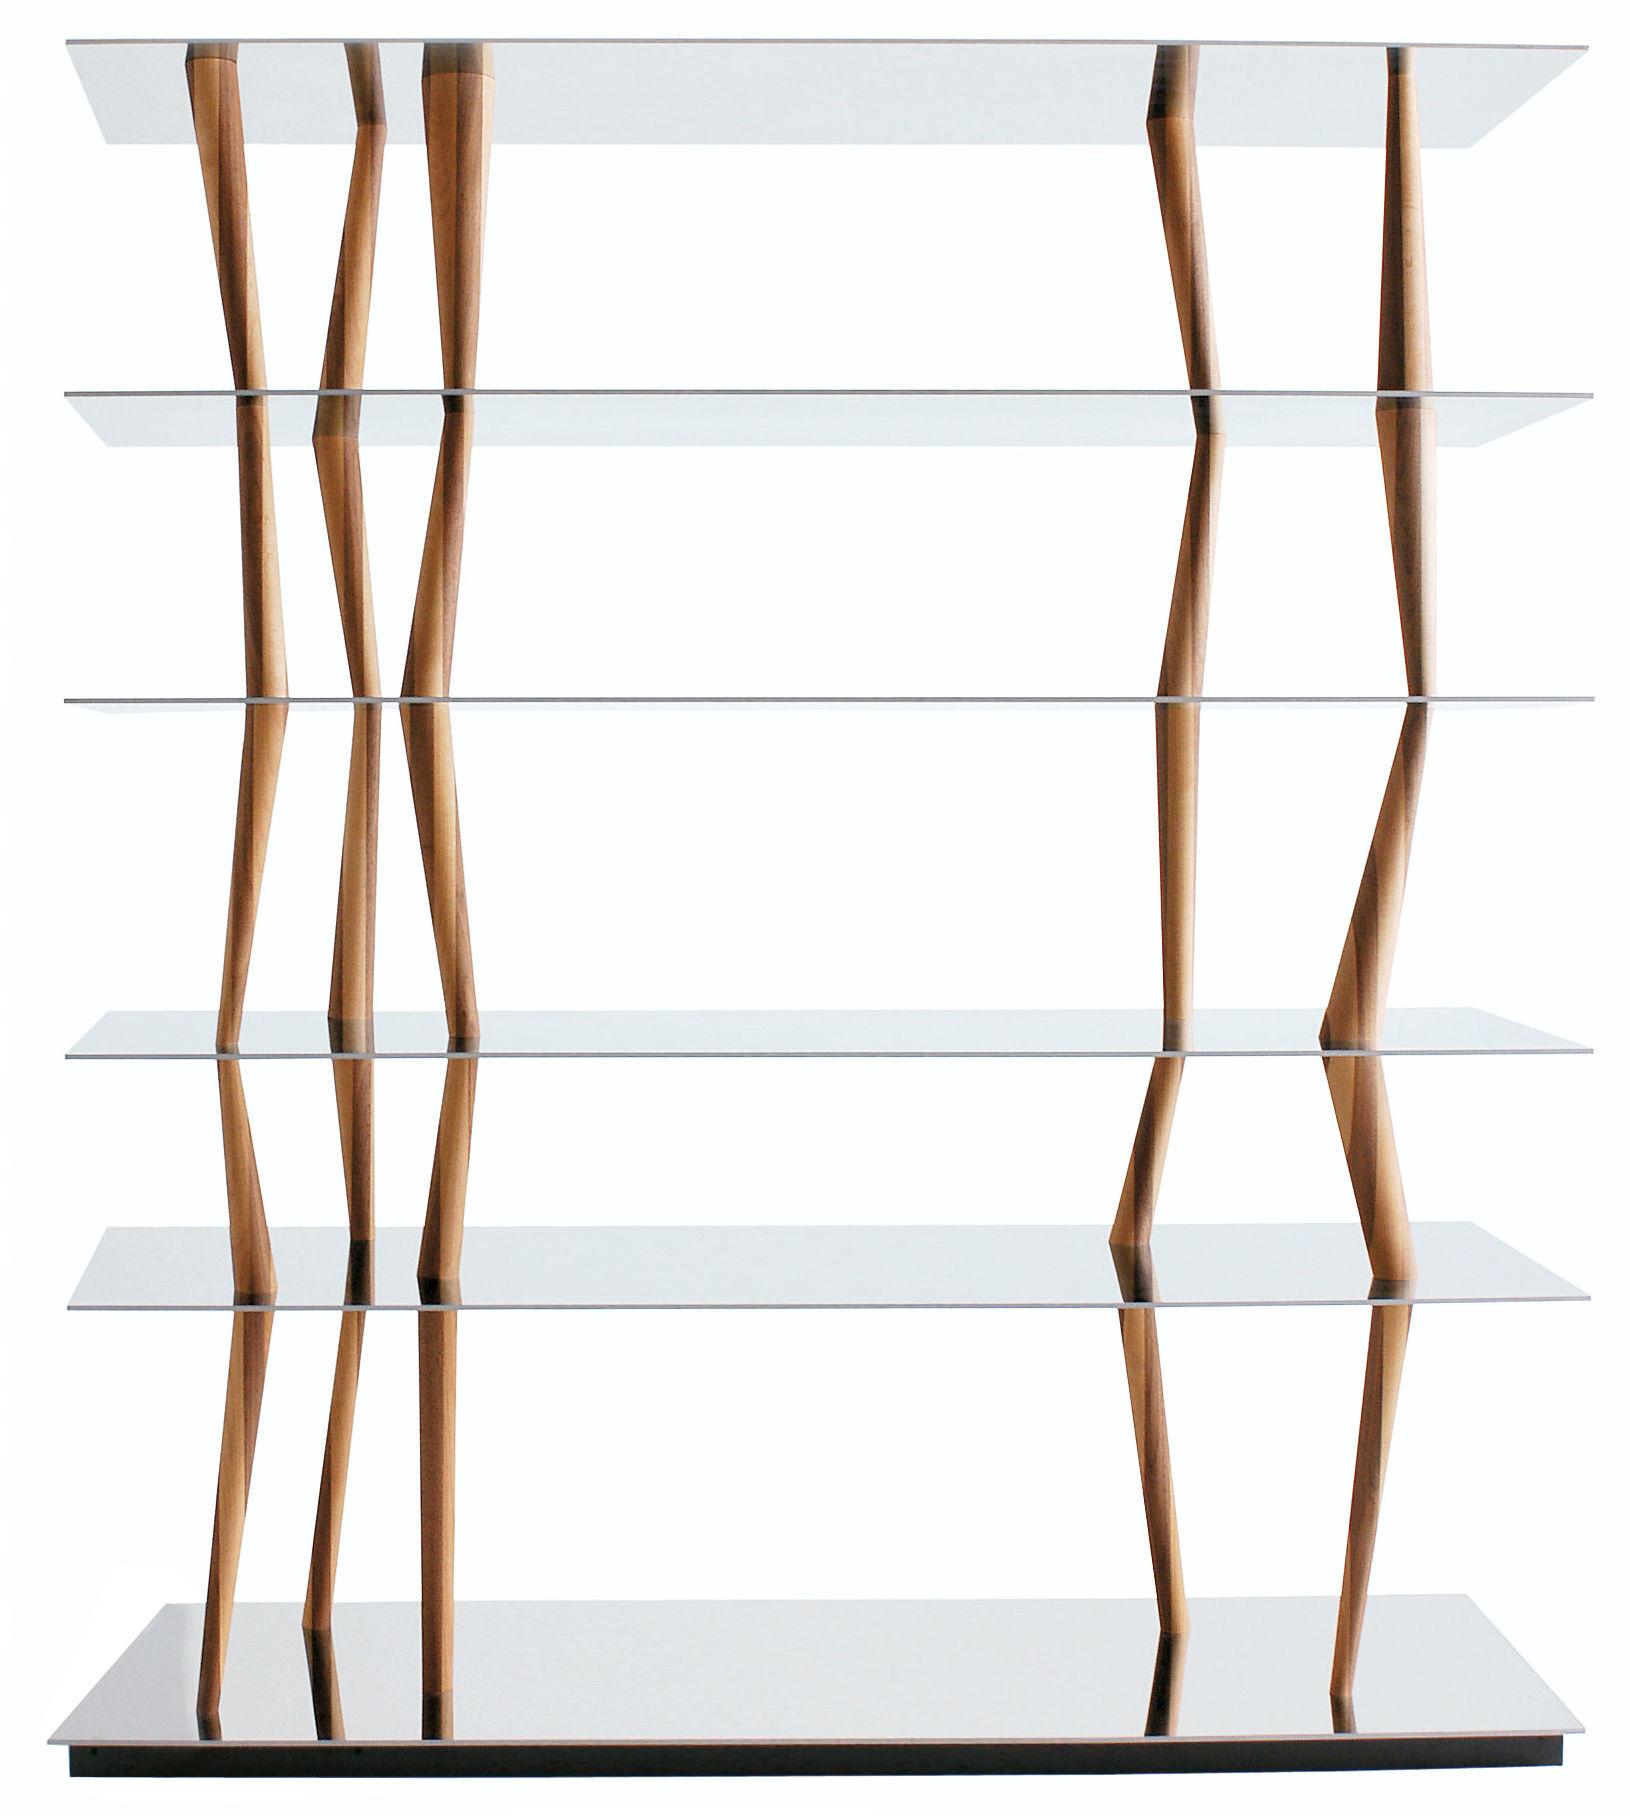 Furniture - Bookcases & Bookshelves - Sendai Shelf - 6 étagères - H 192 cm by Horm - L 192 x H 192 cm - 6 shelves - Polished stainless steel & Black - Polished stainless steel, Walnut